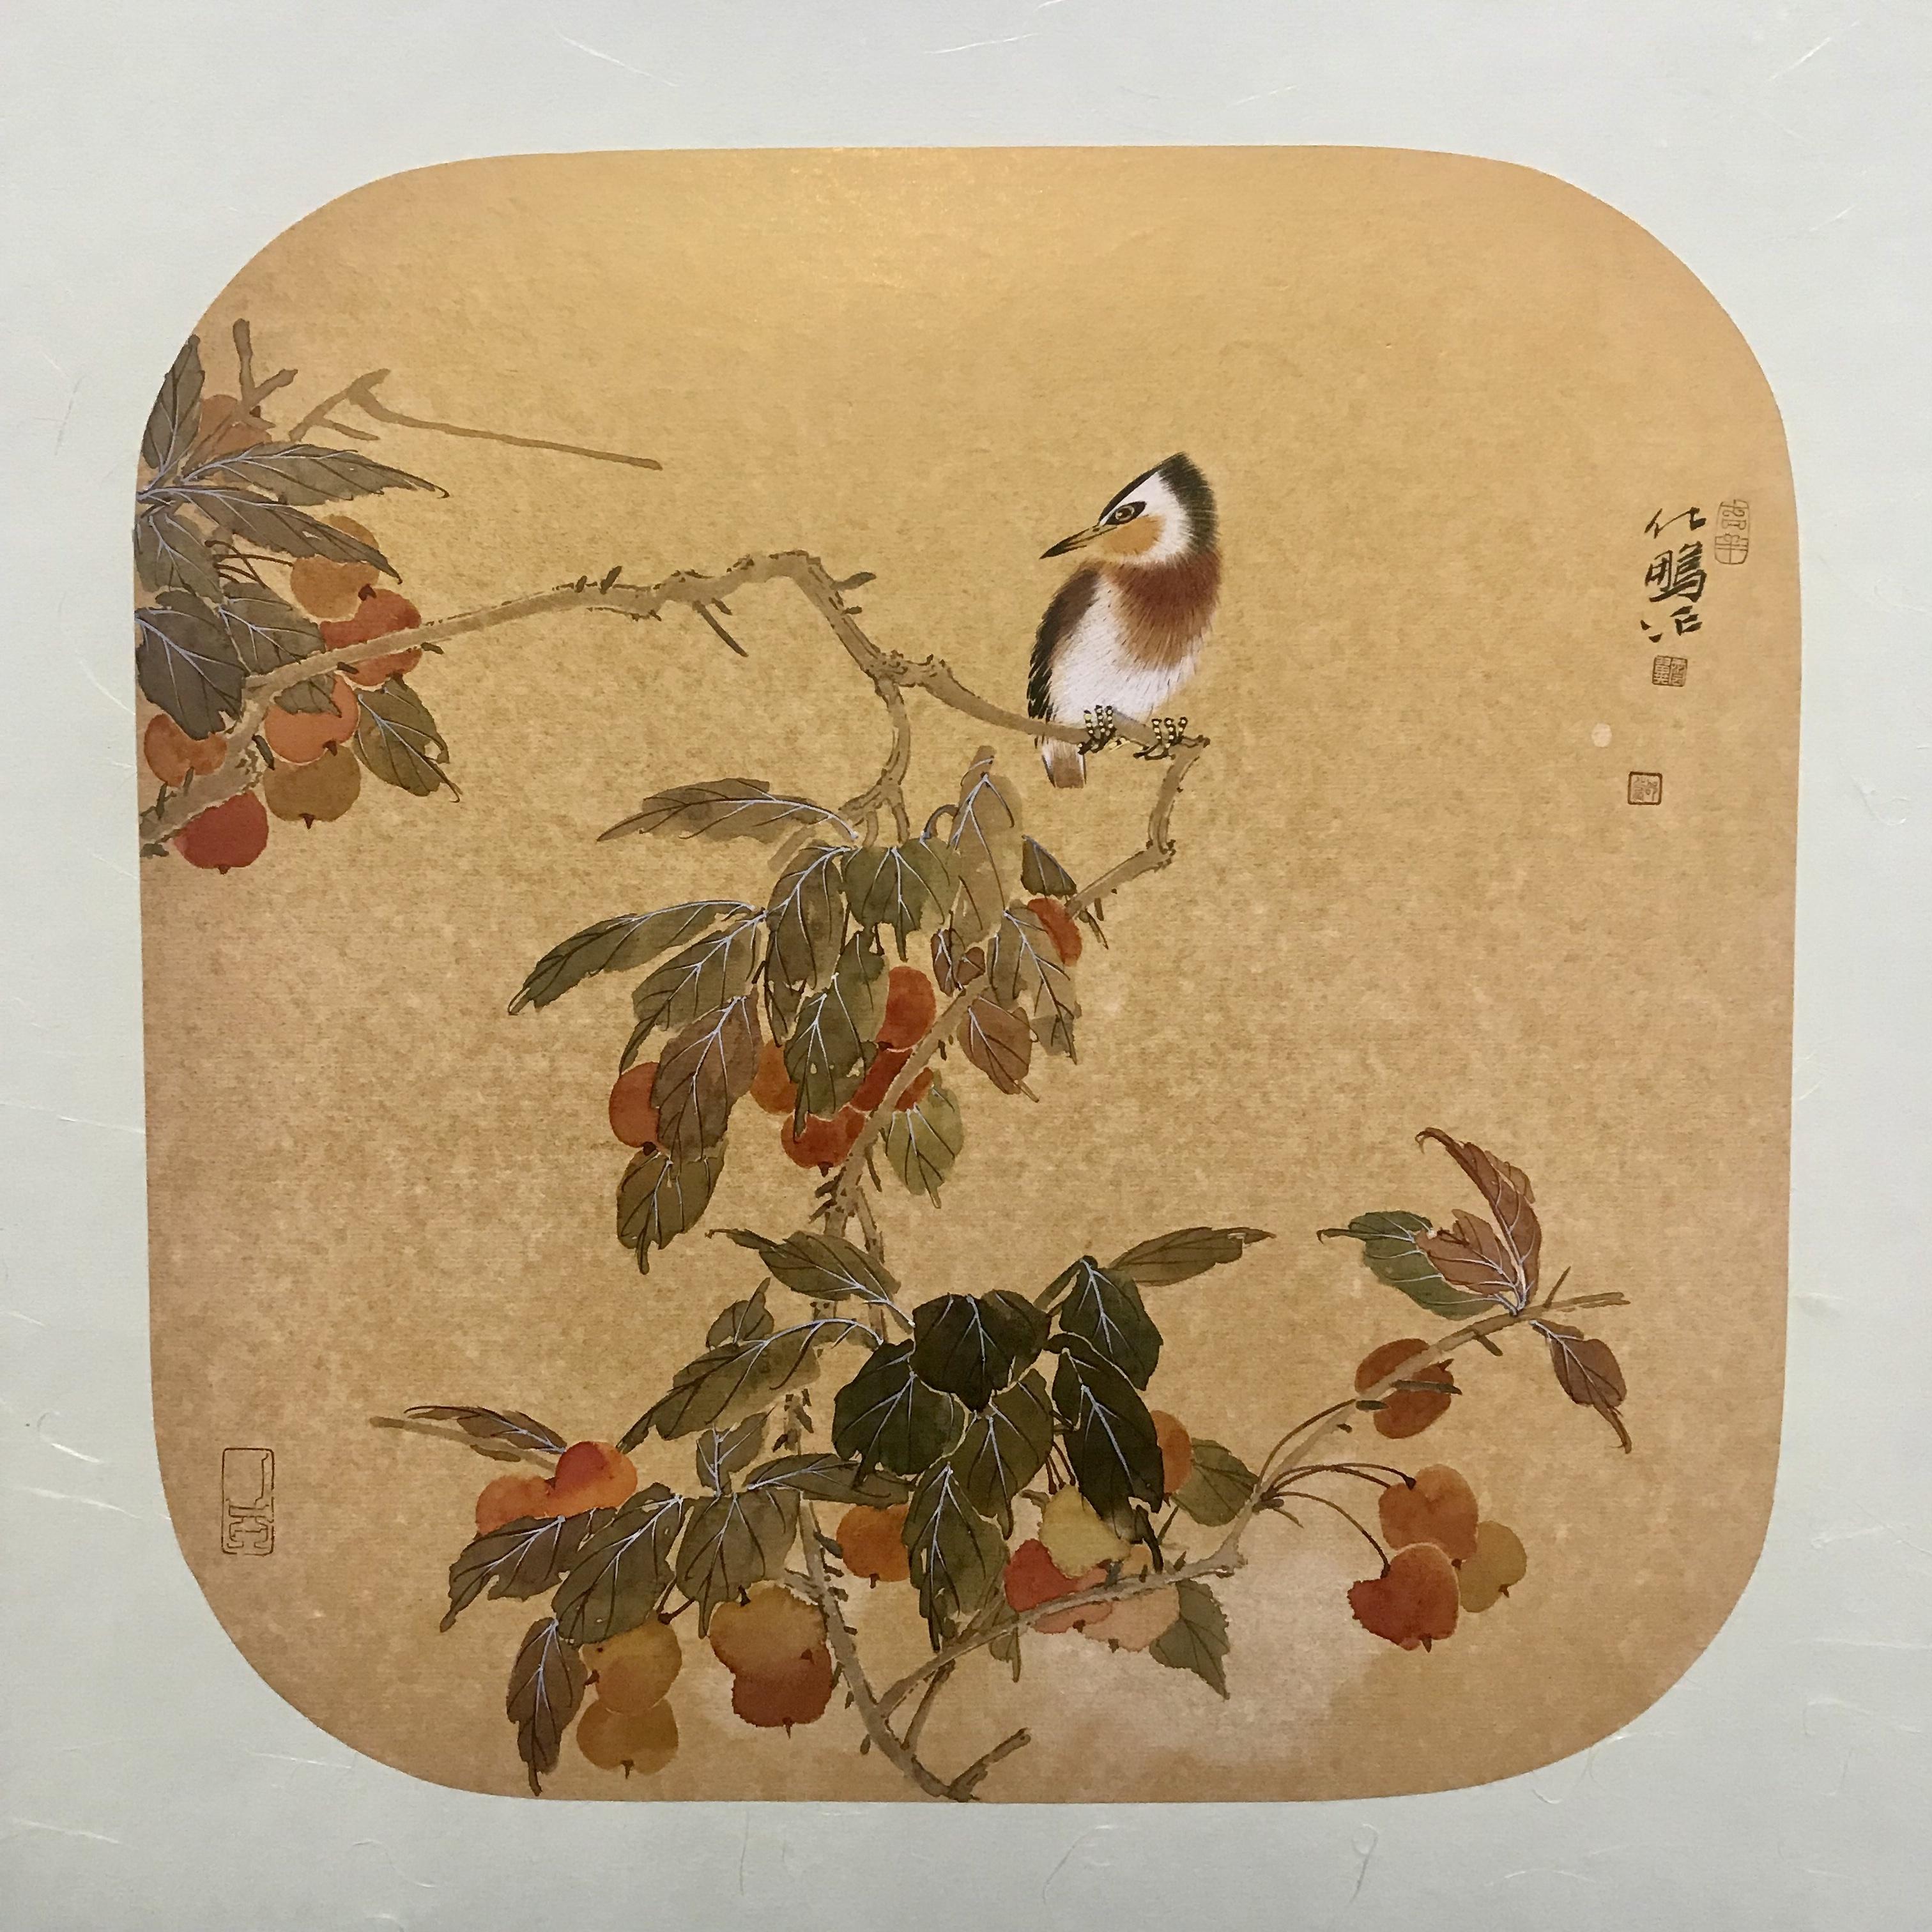 邵化鹏—《花鸟系列七》